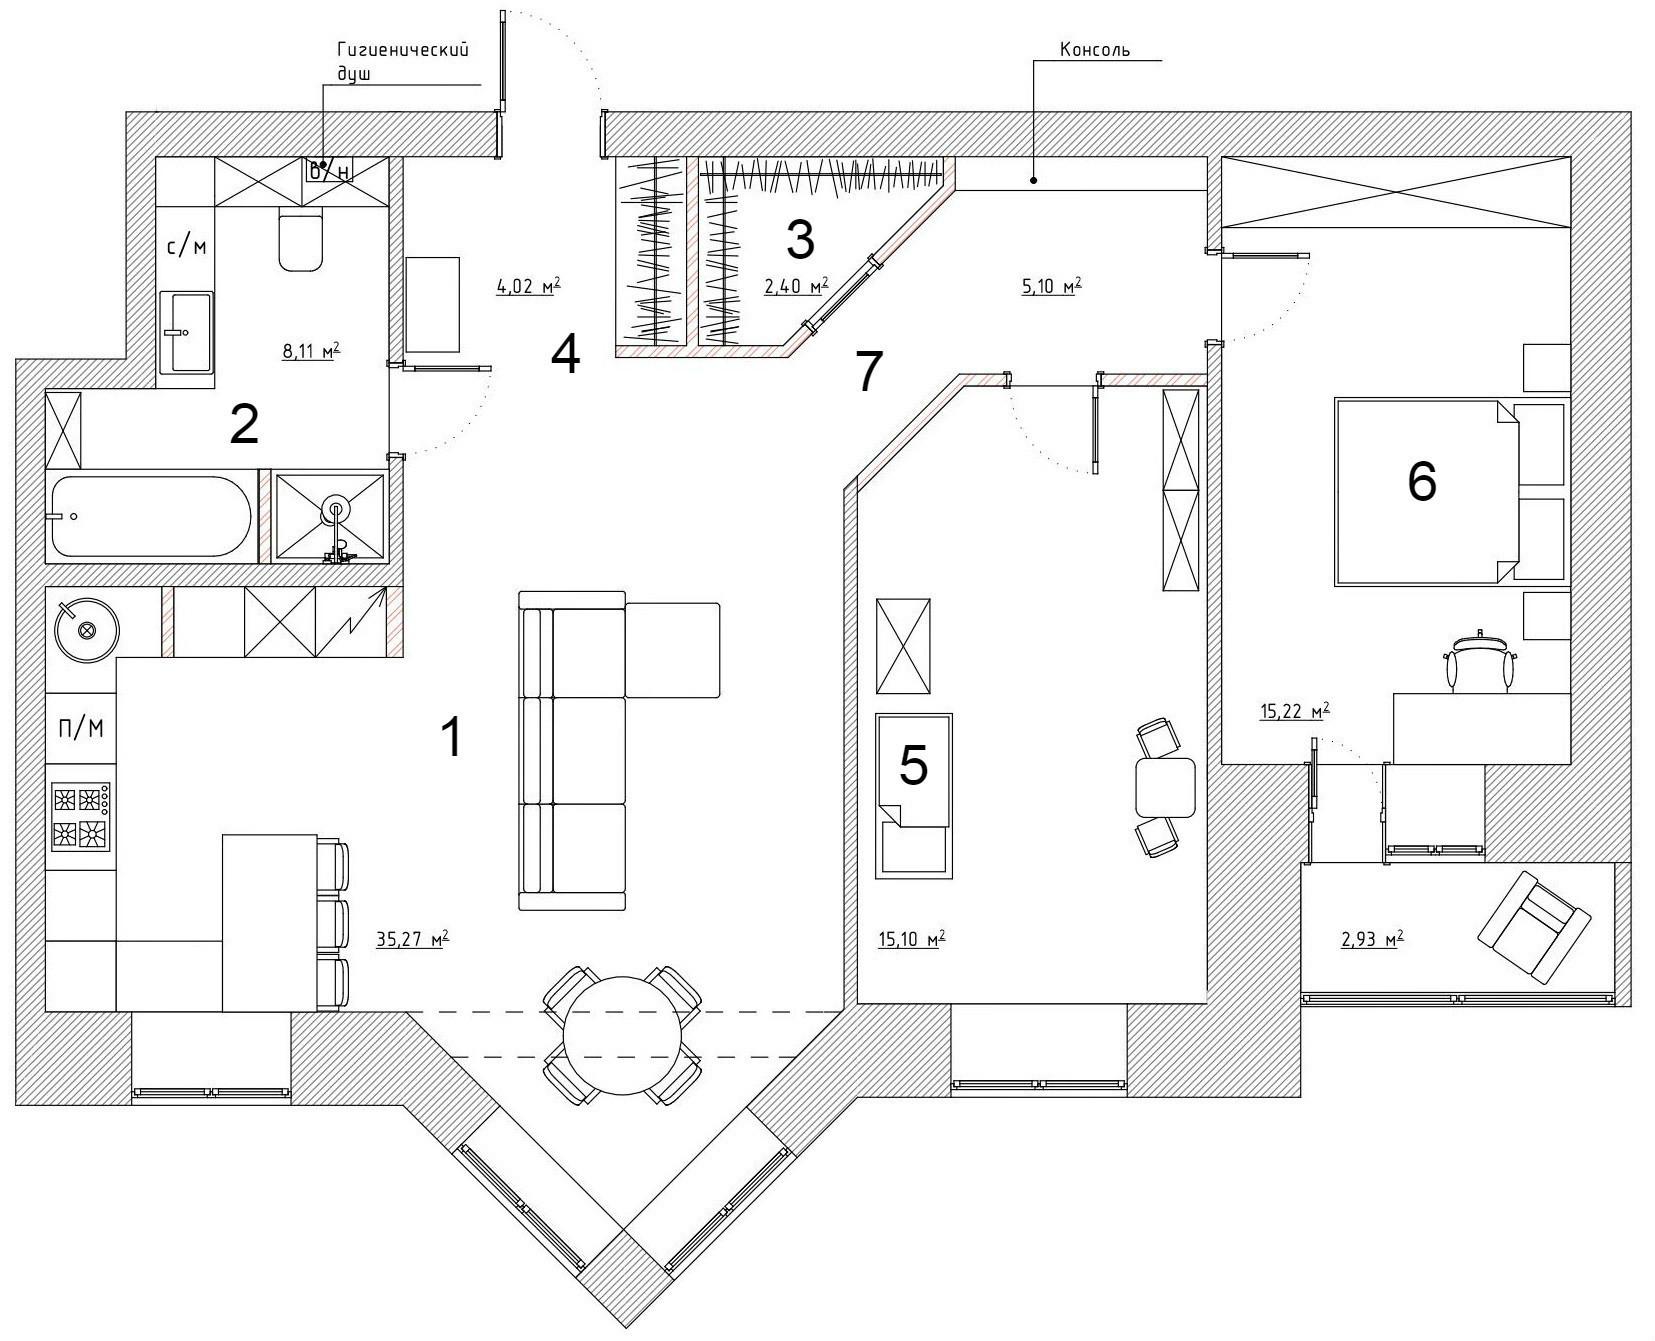 Интерьер квартиры в скандинавском стиле: блоки цвета и градиент